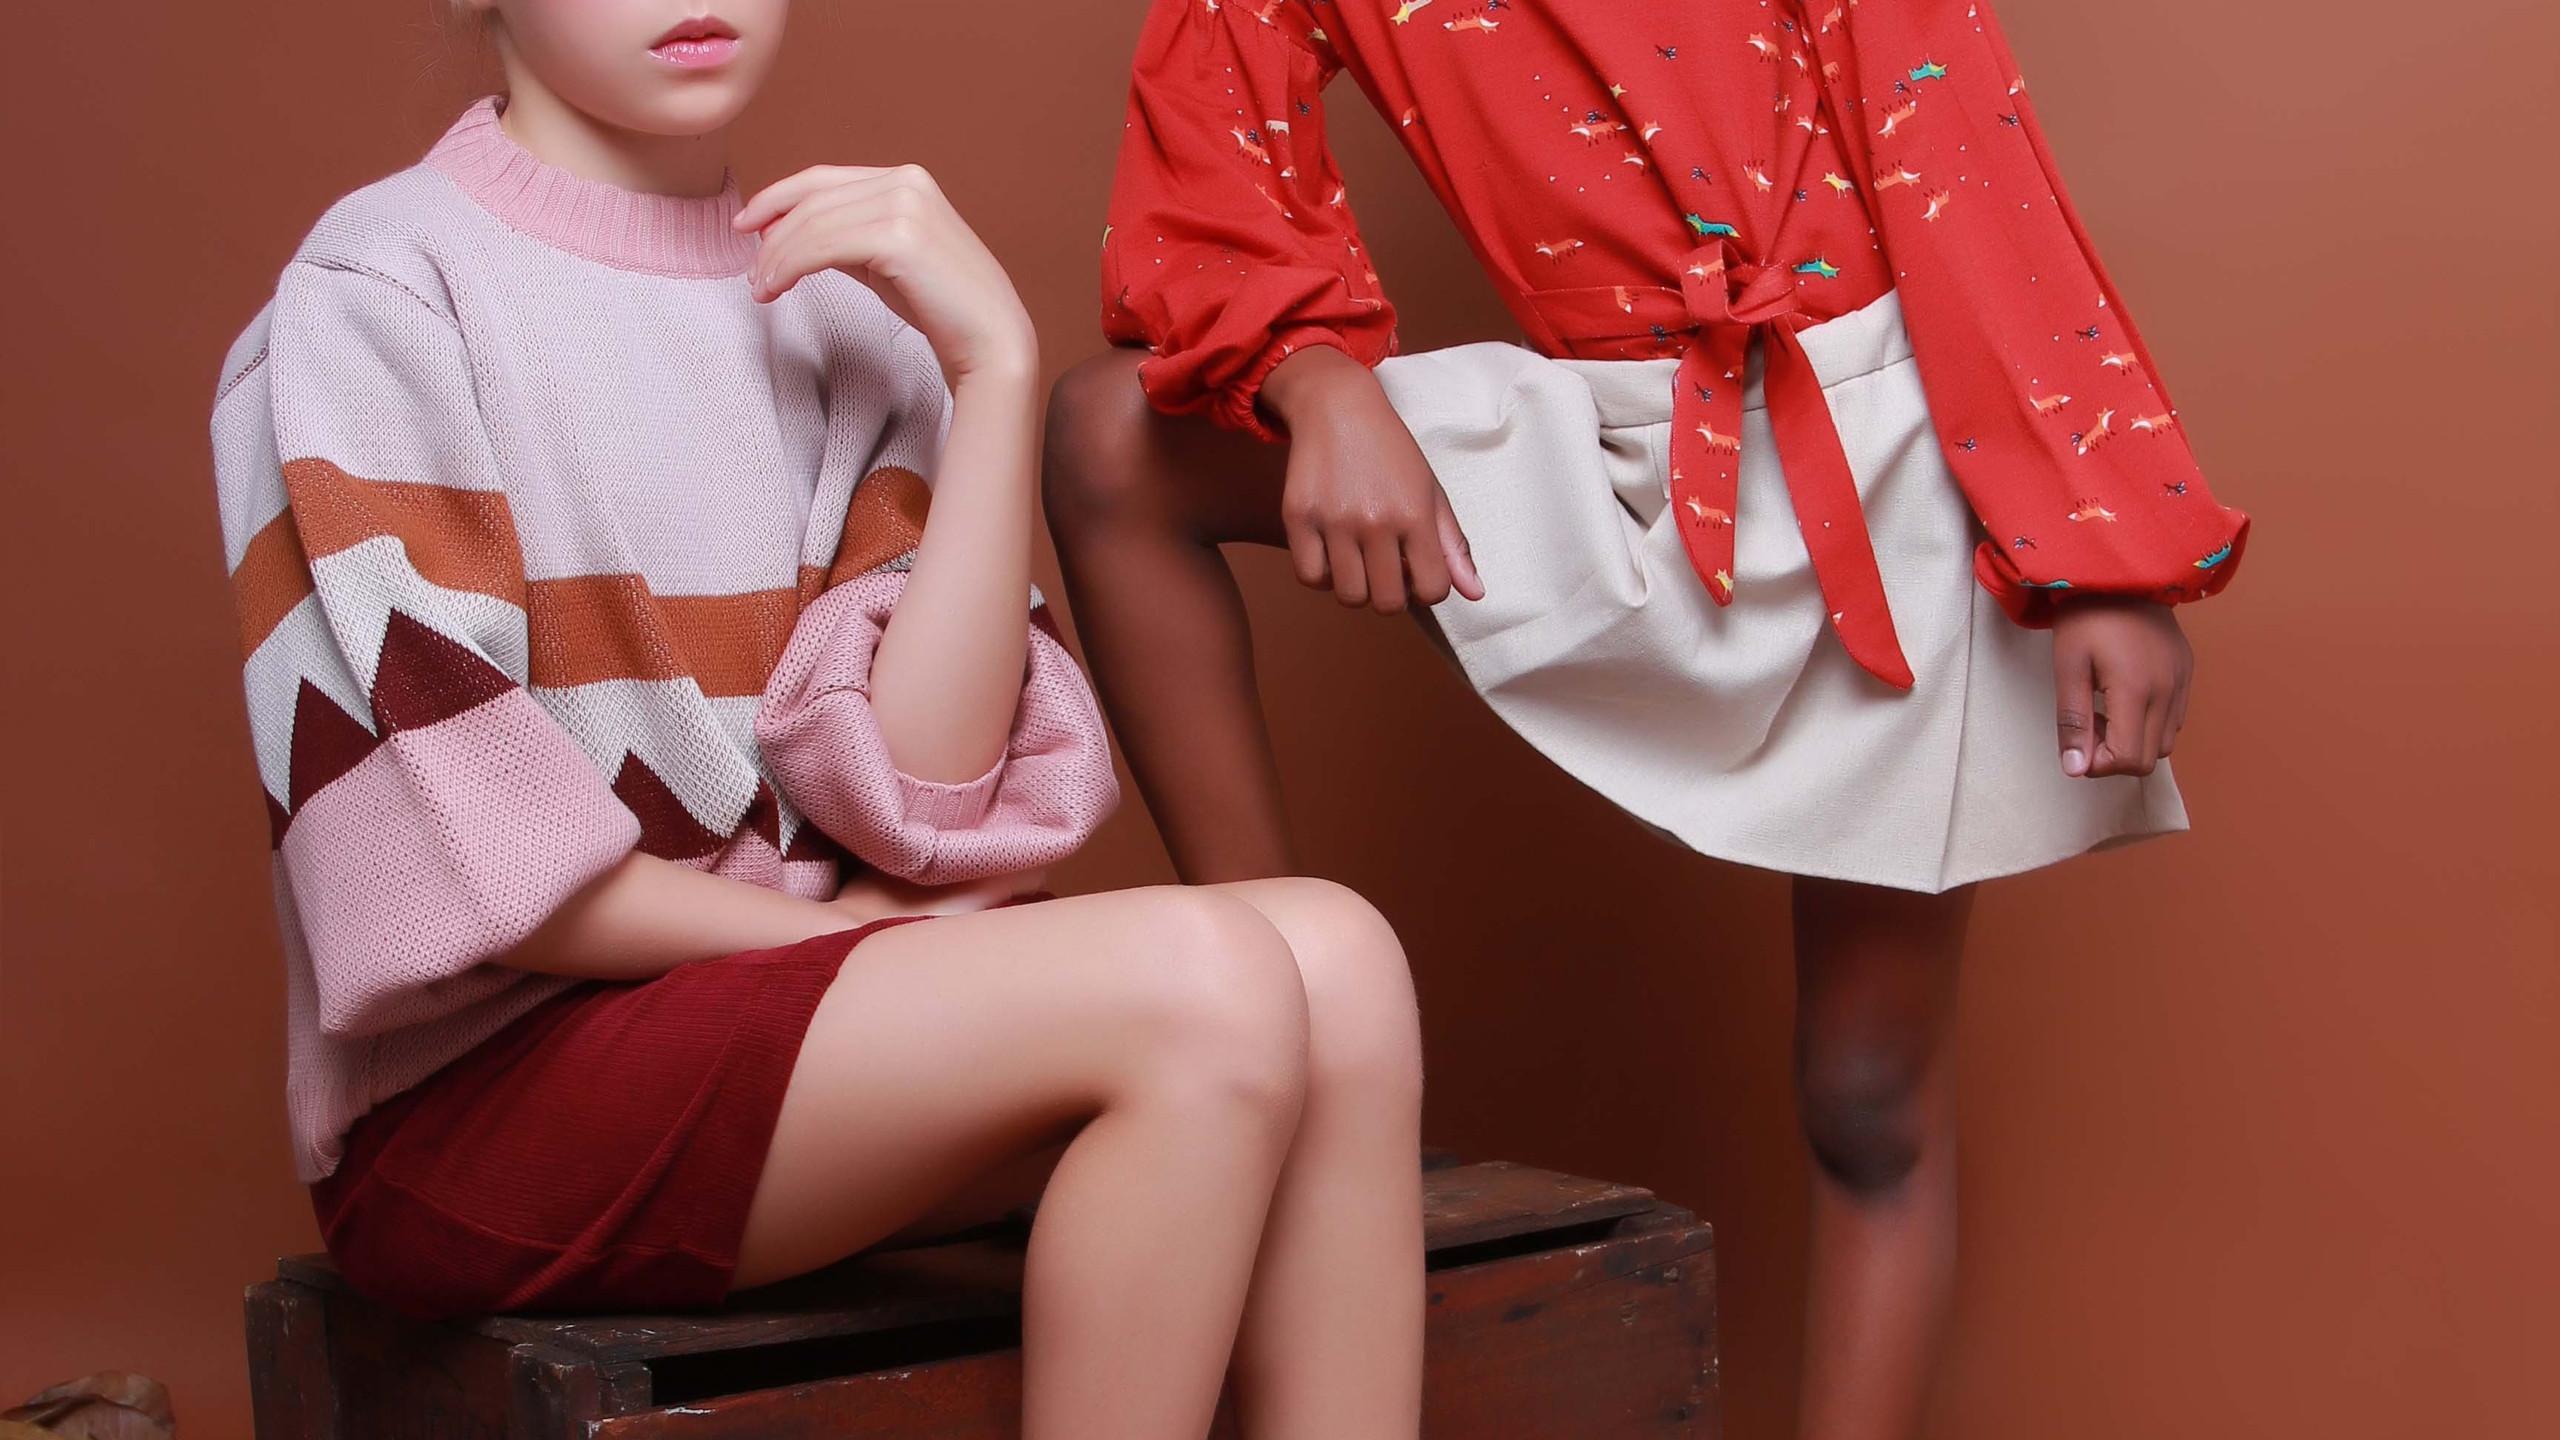 Da esquerda para a direita: Modelo 1 veste: Blusa: Edamami, Saia: Color Girl, Meia: Cantarola (acervo) e Tênis: Converse. Modelo 2 veste: Blusa: Tiara: acervo, Blusa e Saia: Camu Camu e Tênis: Bibi.